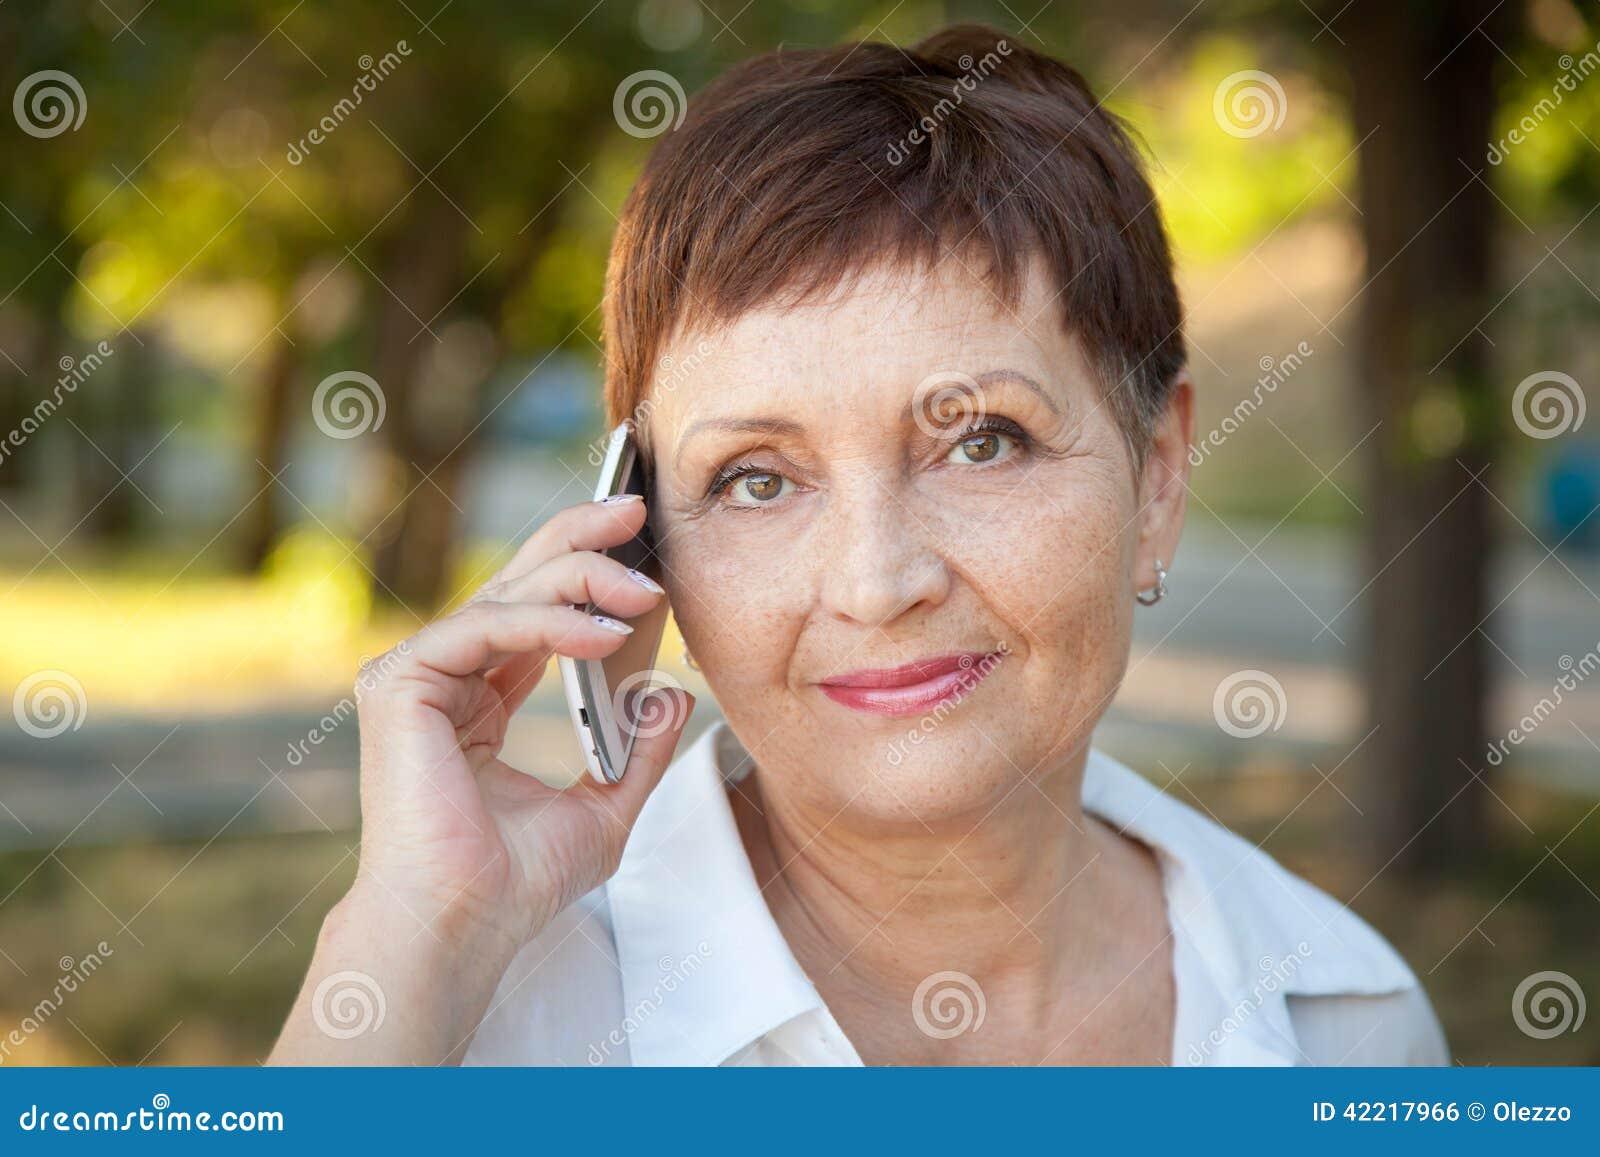 50 år kvinna Attraktiv Kvinna 50 år Med En Mobiltelefon Arkivfoto   Bild av  50 år kvinna